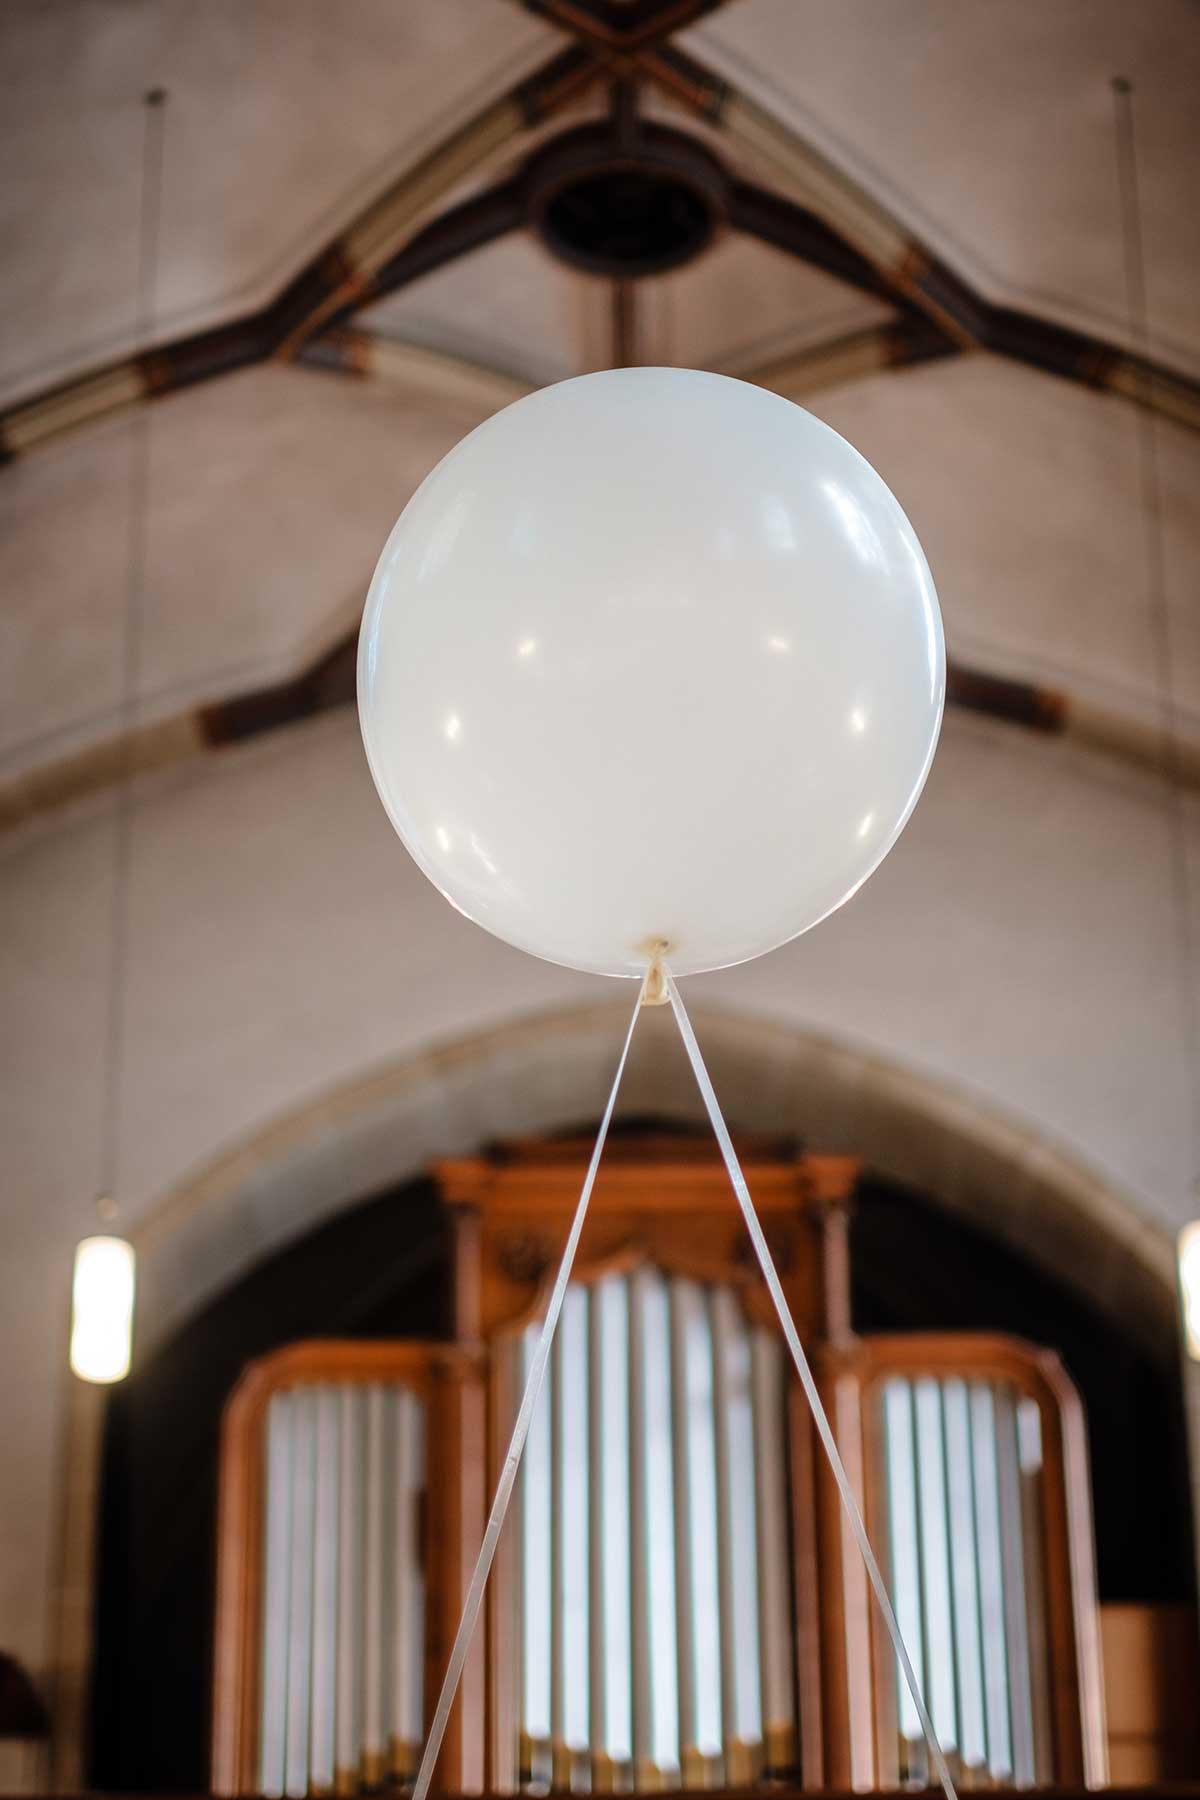 Große Luftballons zur Dekoration in der Kirche